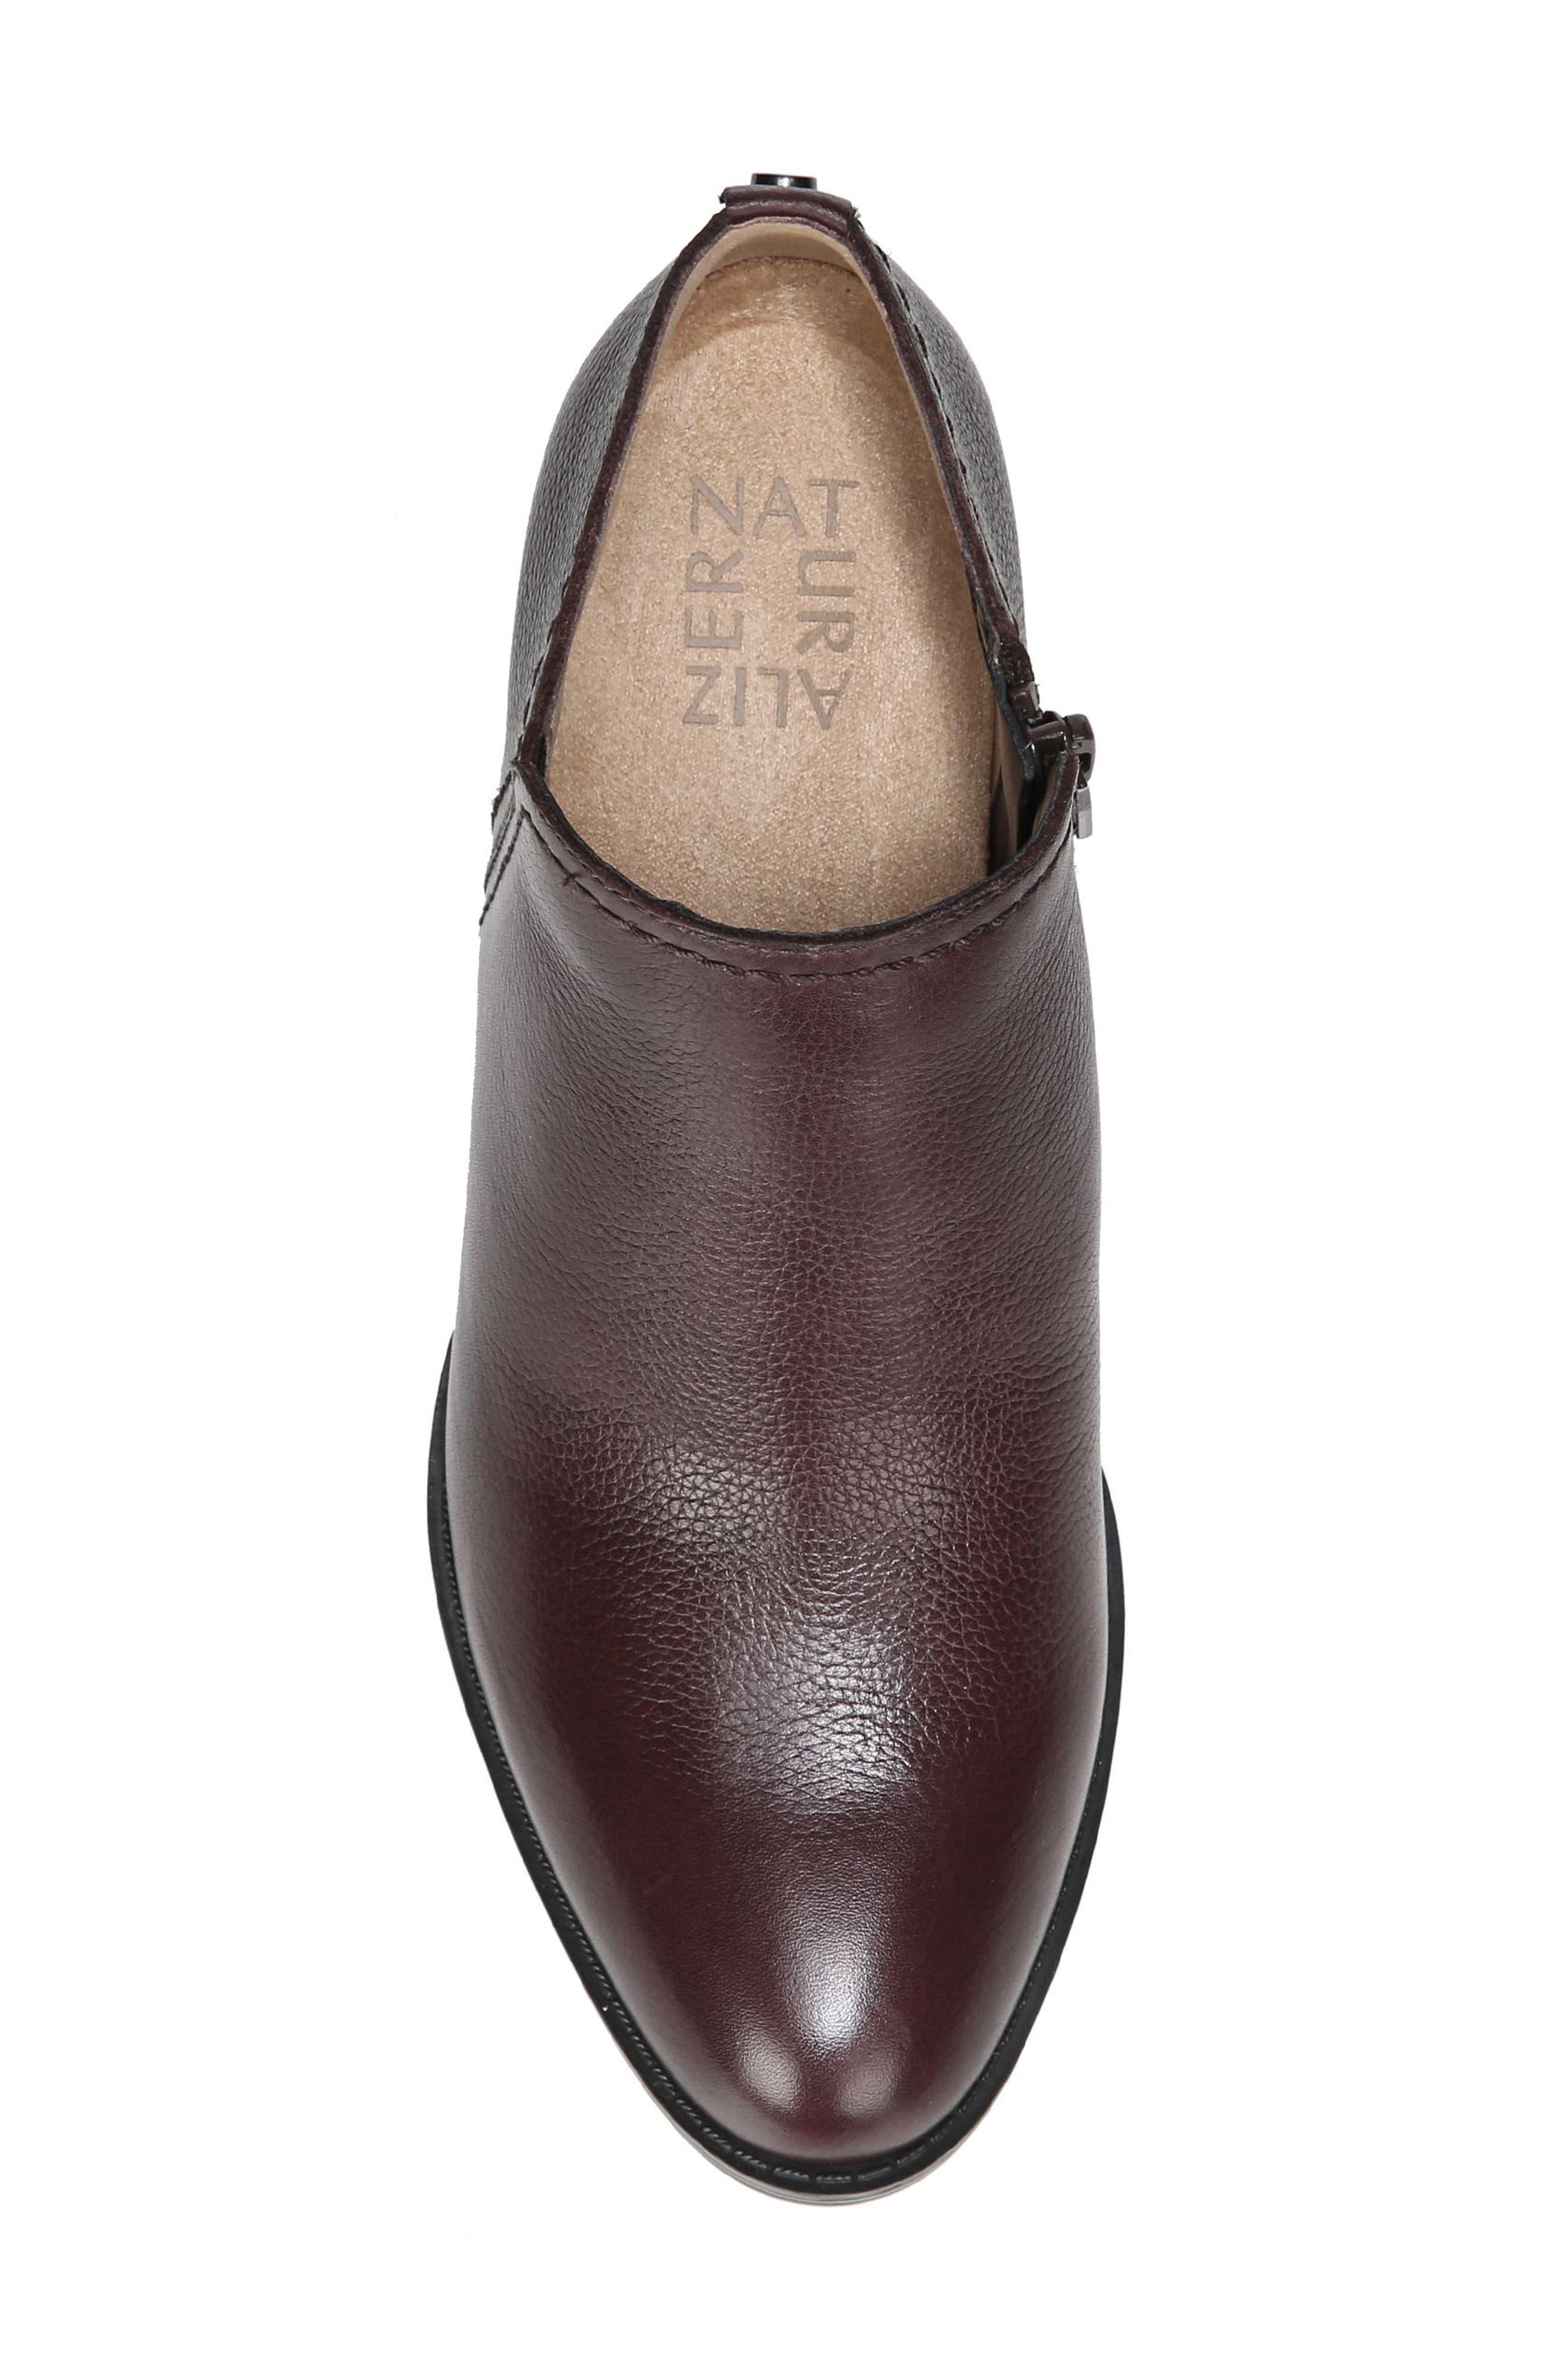 Alternate Image 3  - Naturalizer 'Zarie' Block Heel Bootie (Women)